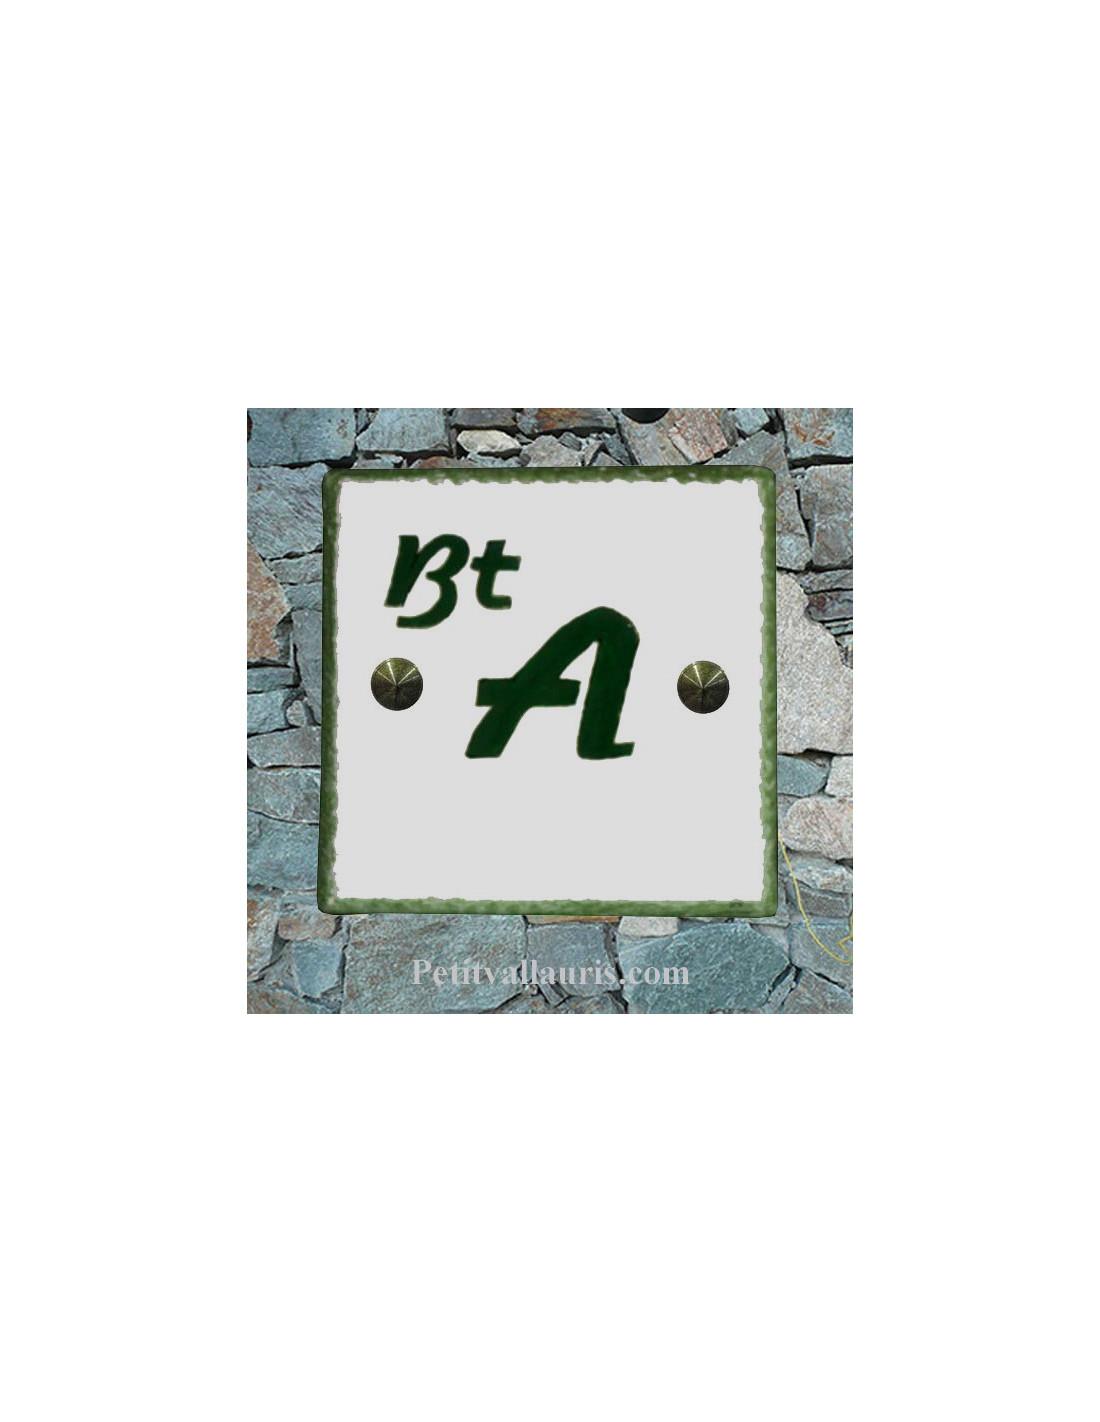 Plaquette en faience maill e pour chiffre ou lettre pour for Numero de porte en faience